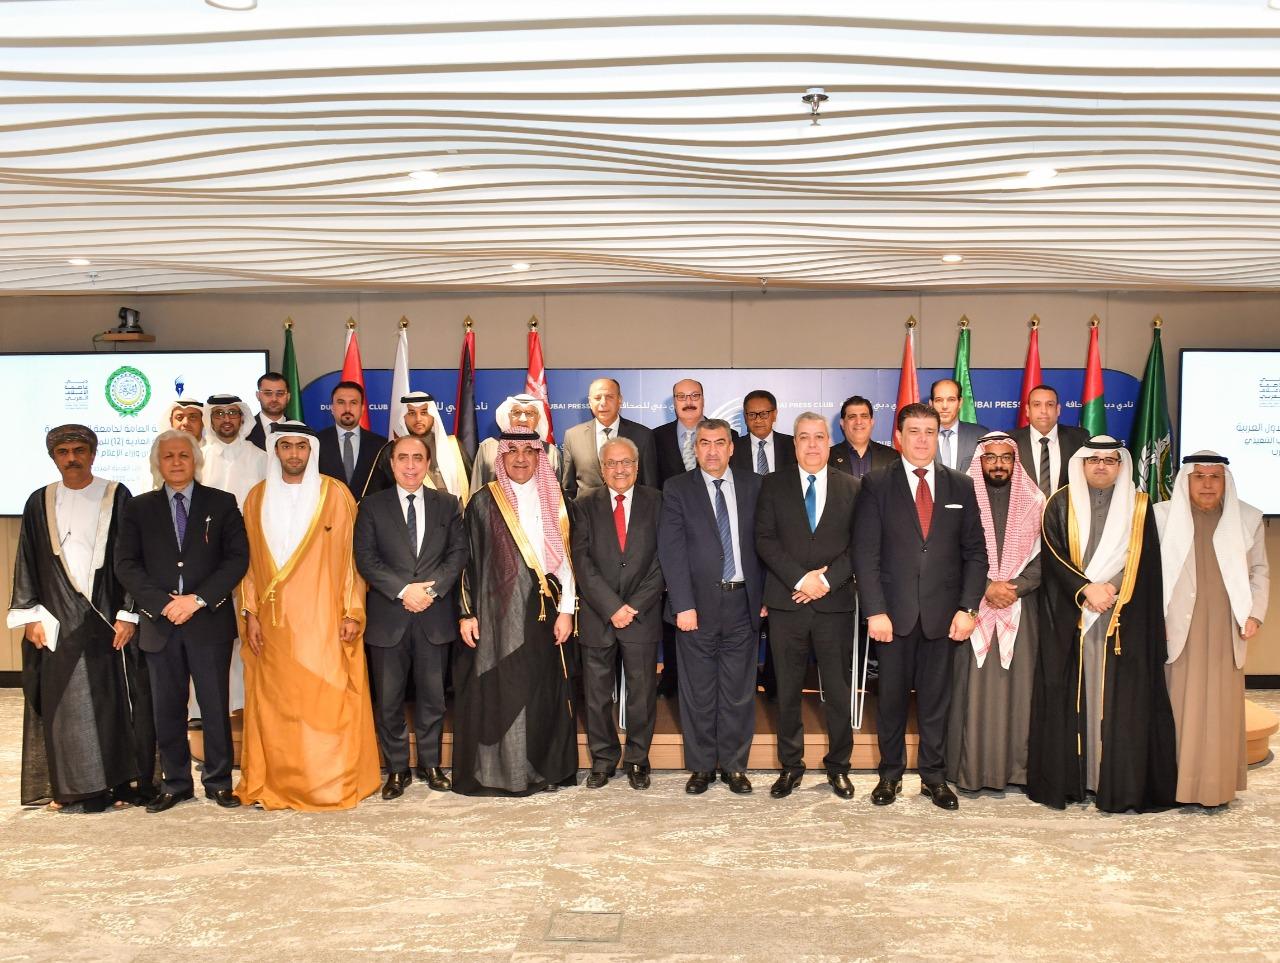 صورة برنامج عربي تطلقه اللجنة العربية للاعلام .. حكومة رقمية